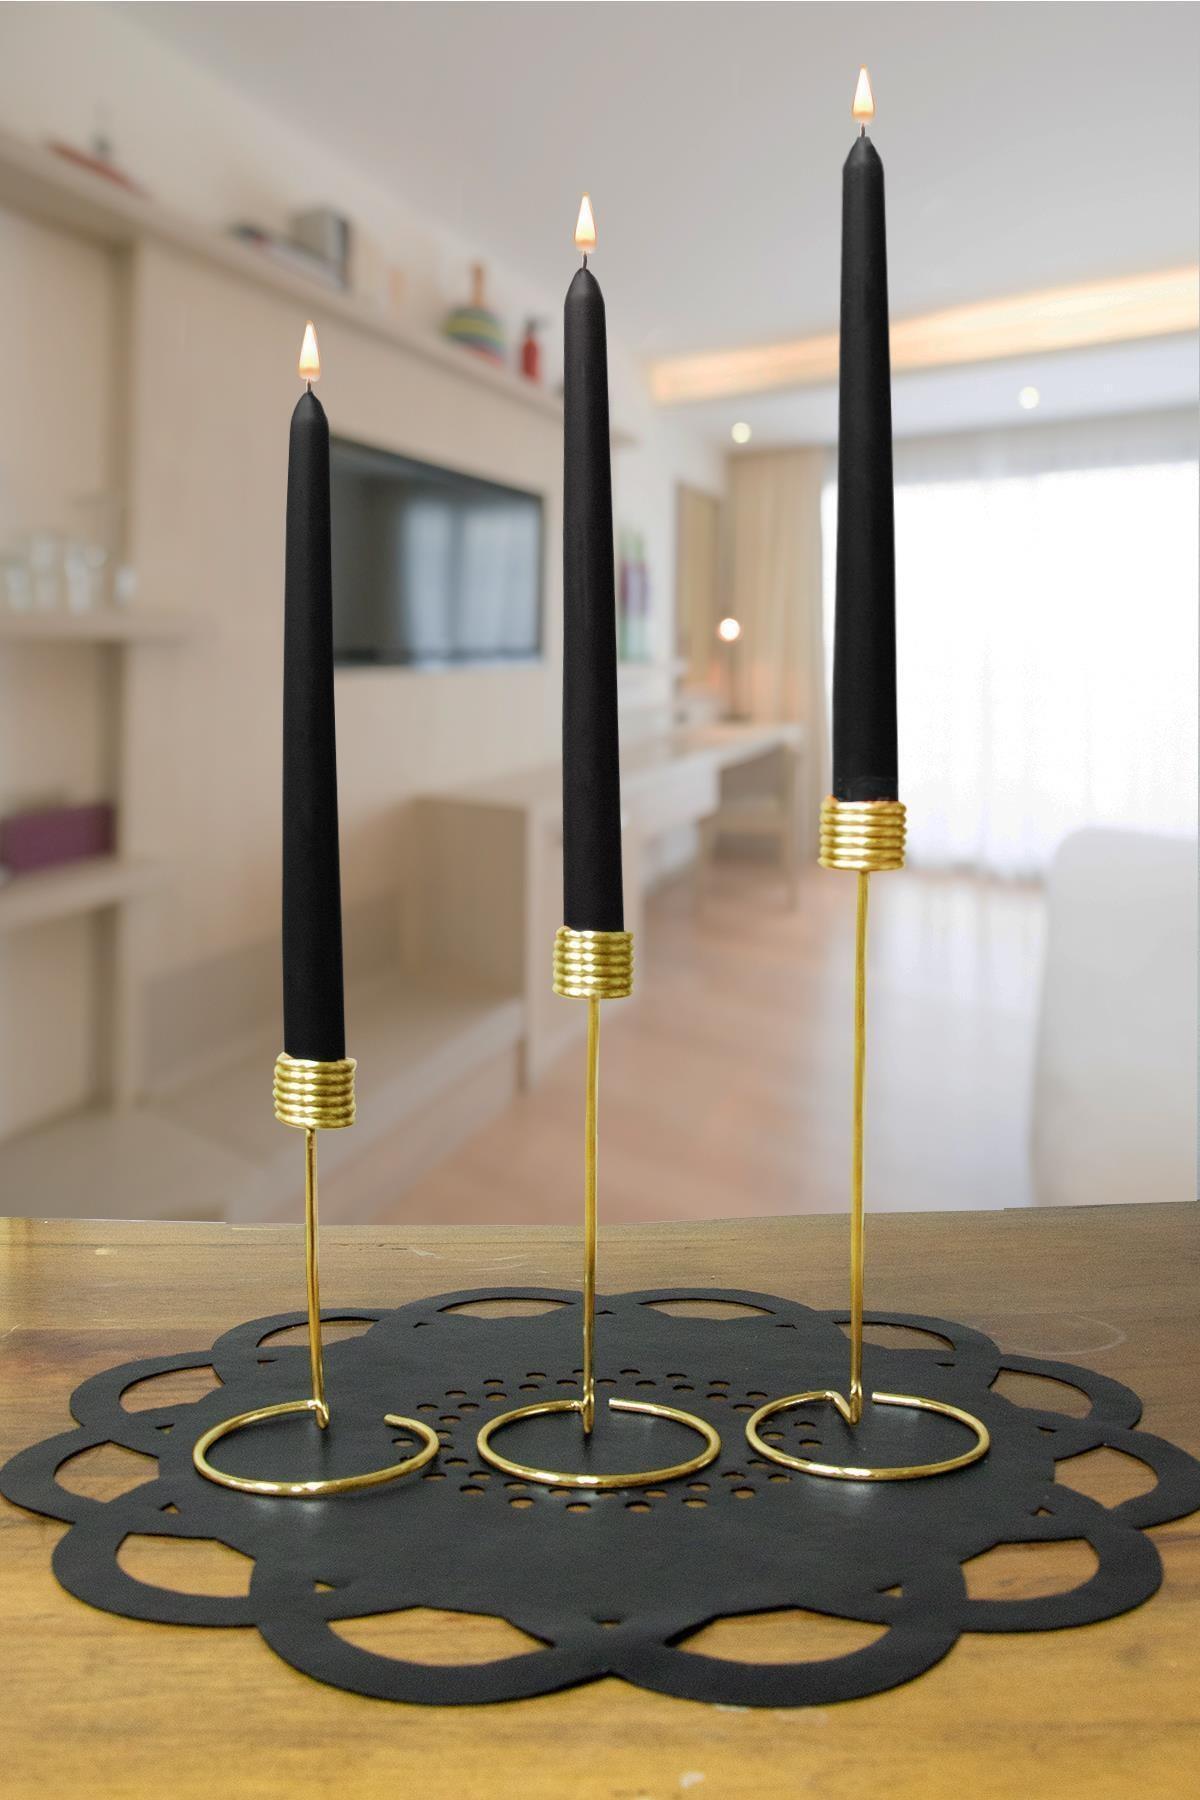 Dekolia 3'lü Metal Şamdan Seti Altın Sarısı Kaplama 2